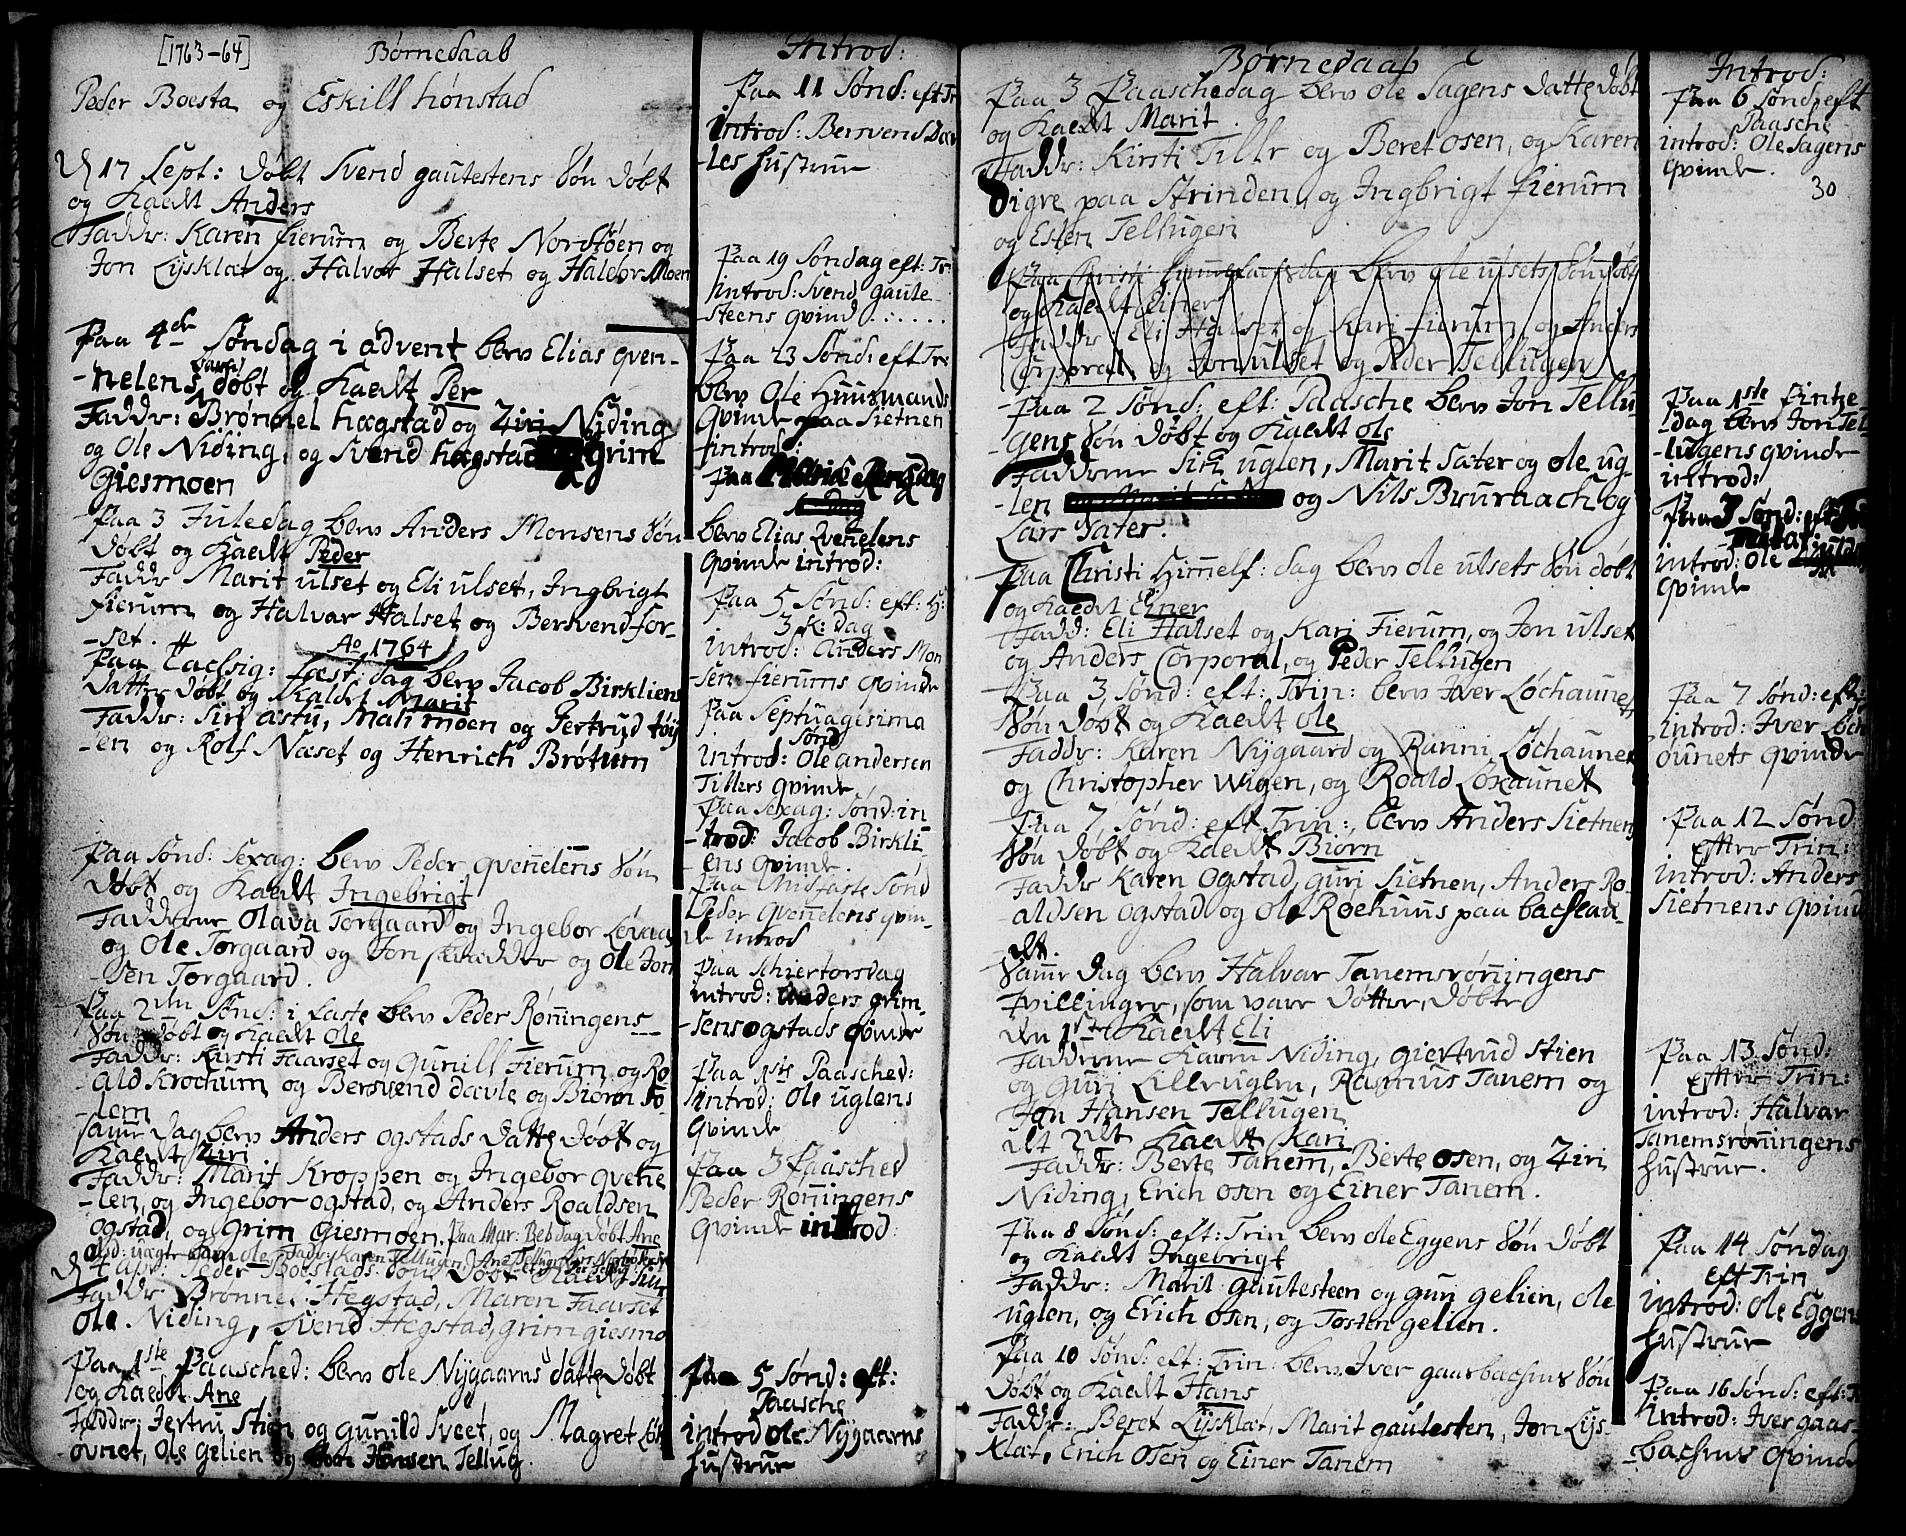 SAT, Ministerialprotokoller, klokkerbøker og fødselsregistre - Sør-Trøndelag, 618/L0437: Ministerialbok nr. 618A02, 1749-1782, s. 30